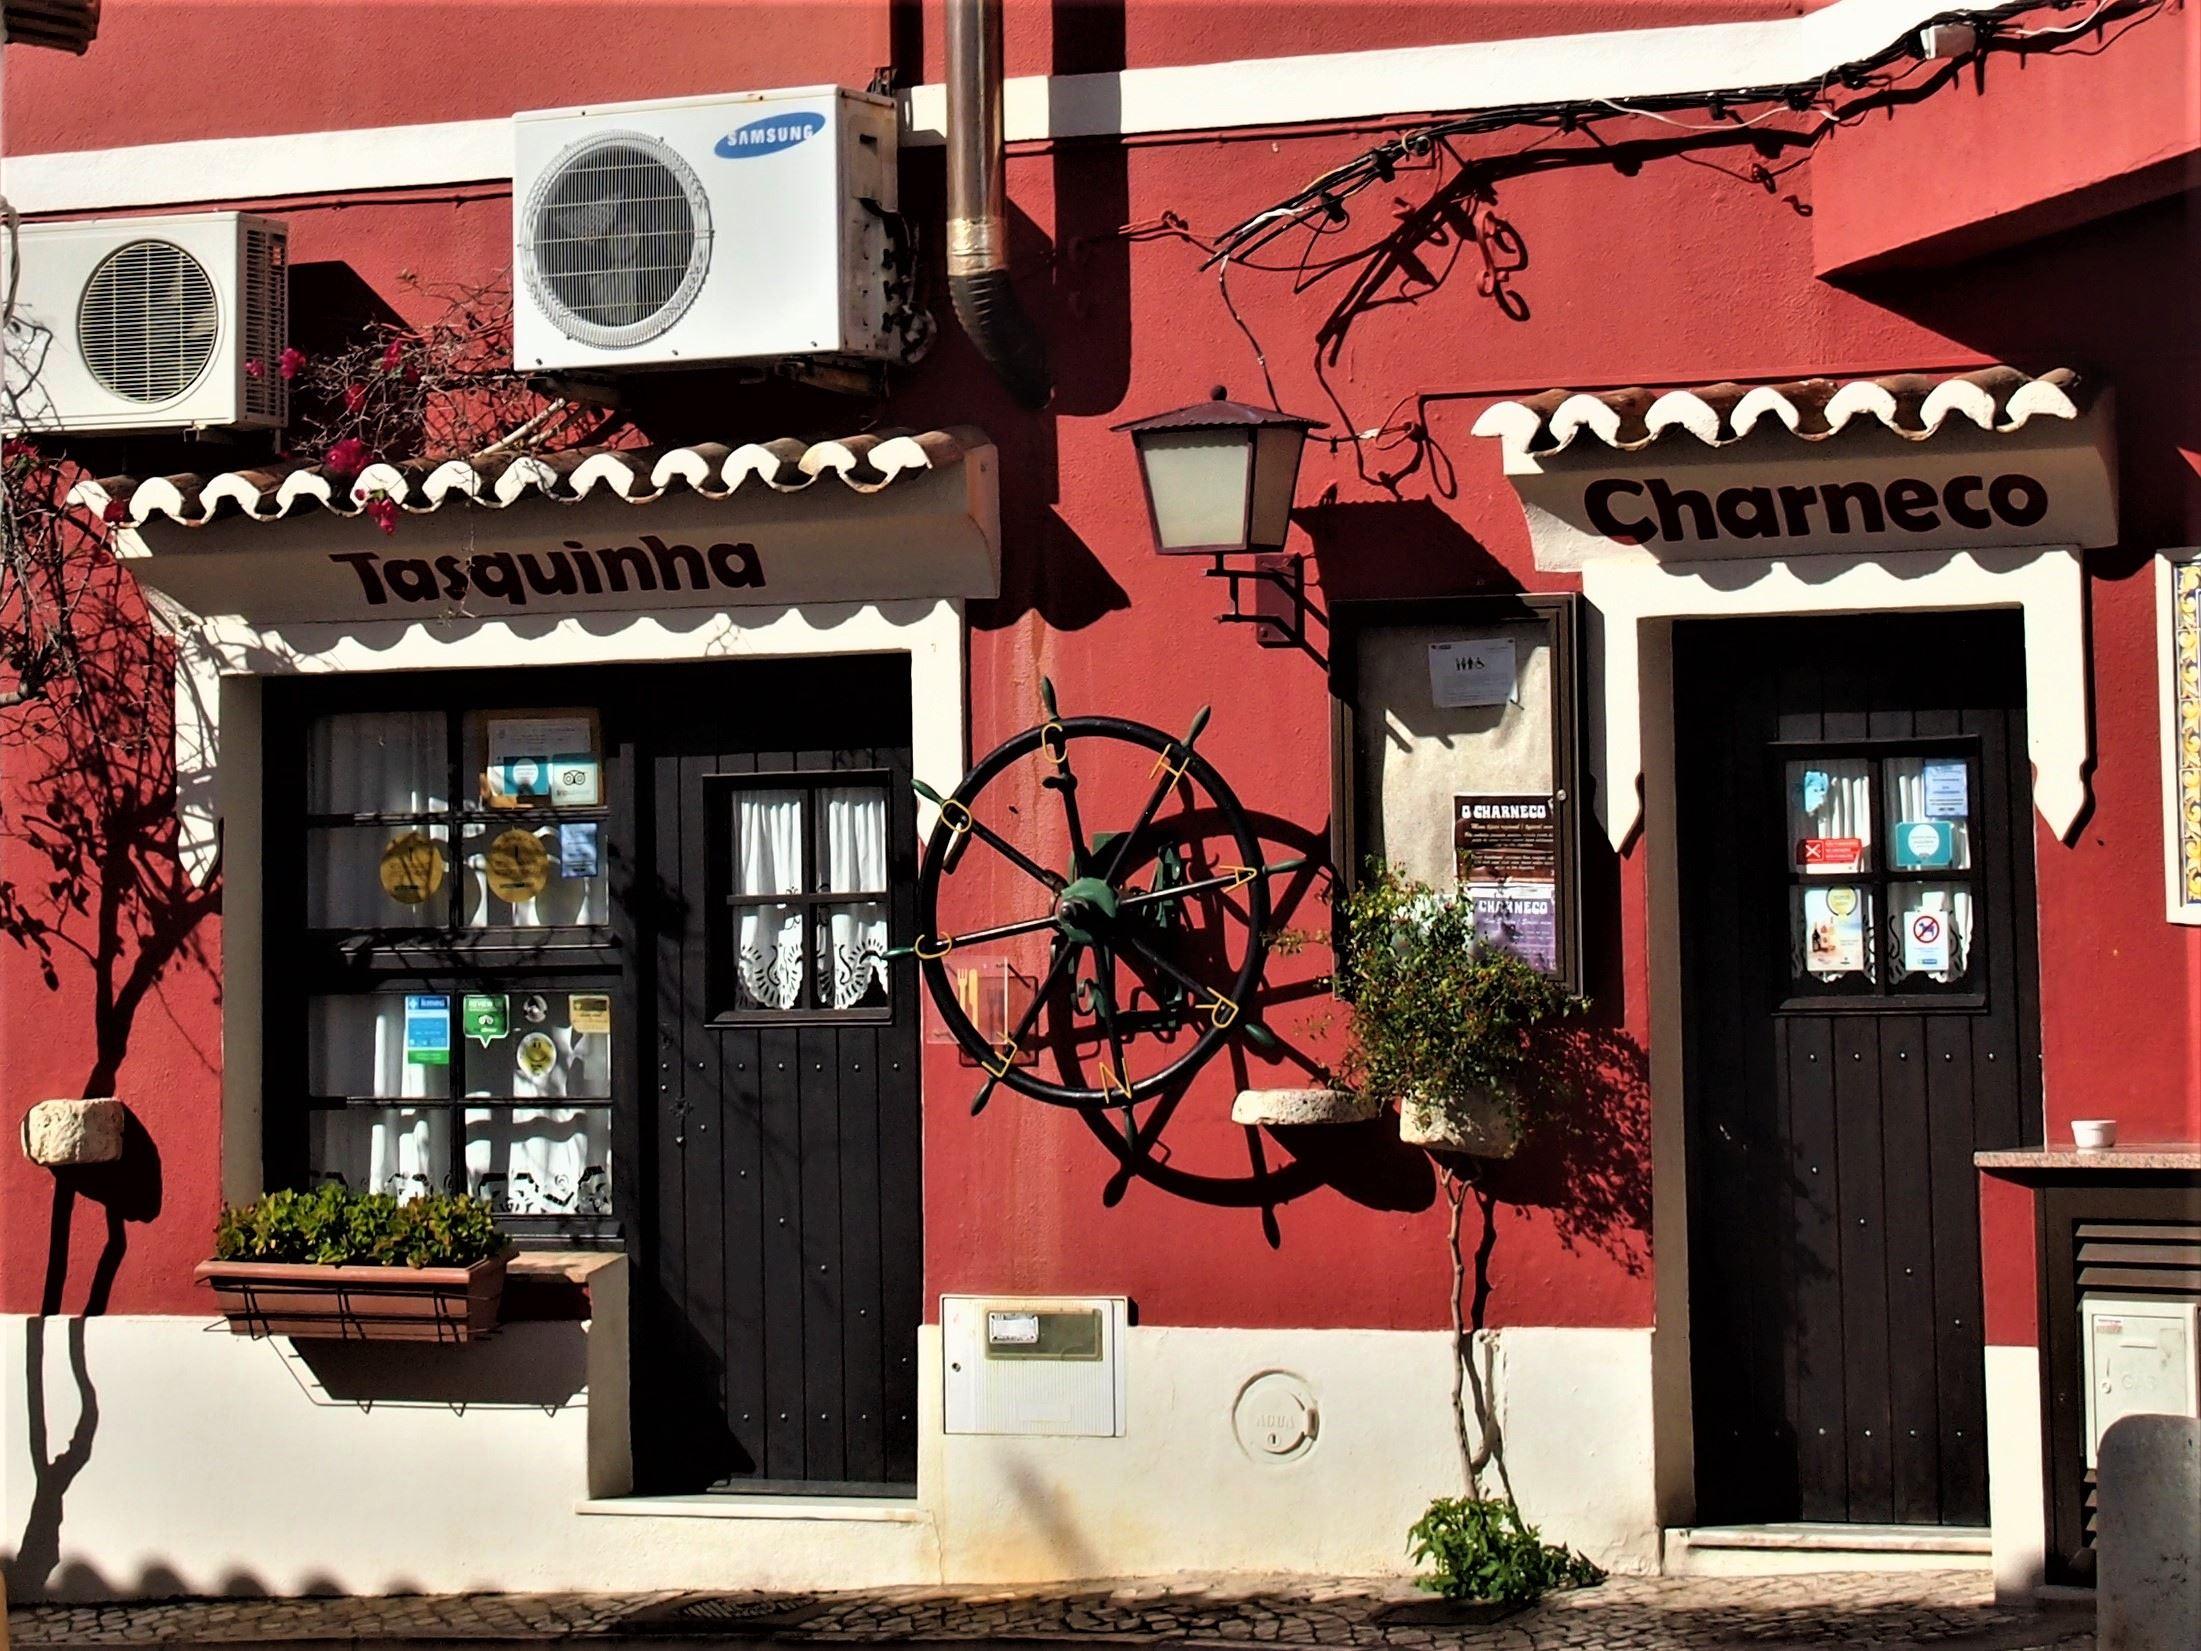 Restaurante O Charneco en Estômbar, Algarve